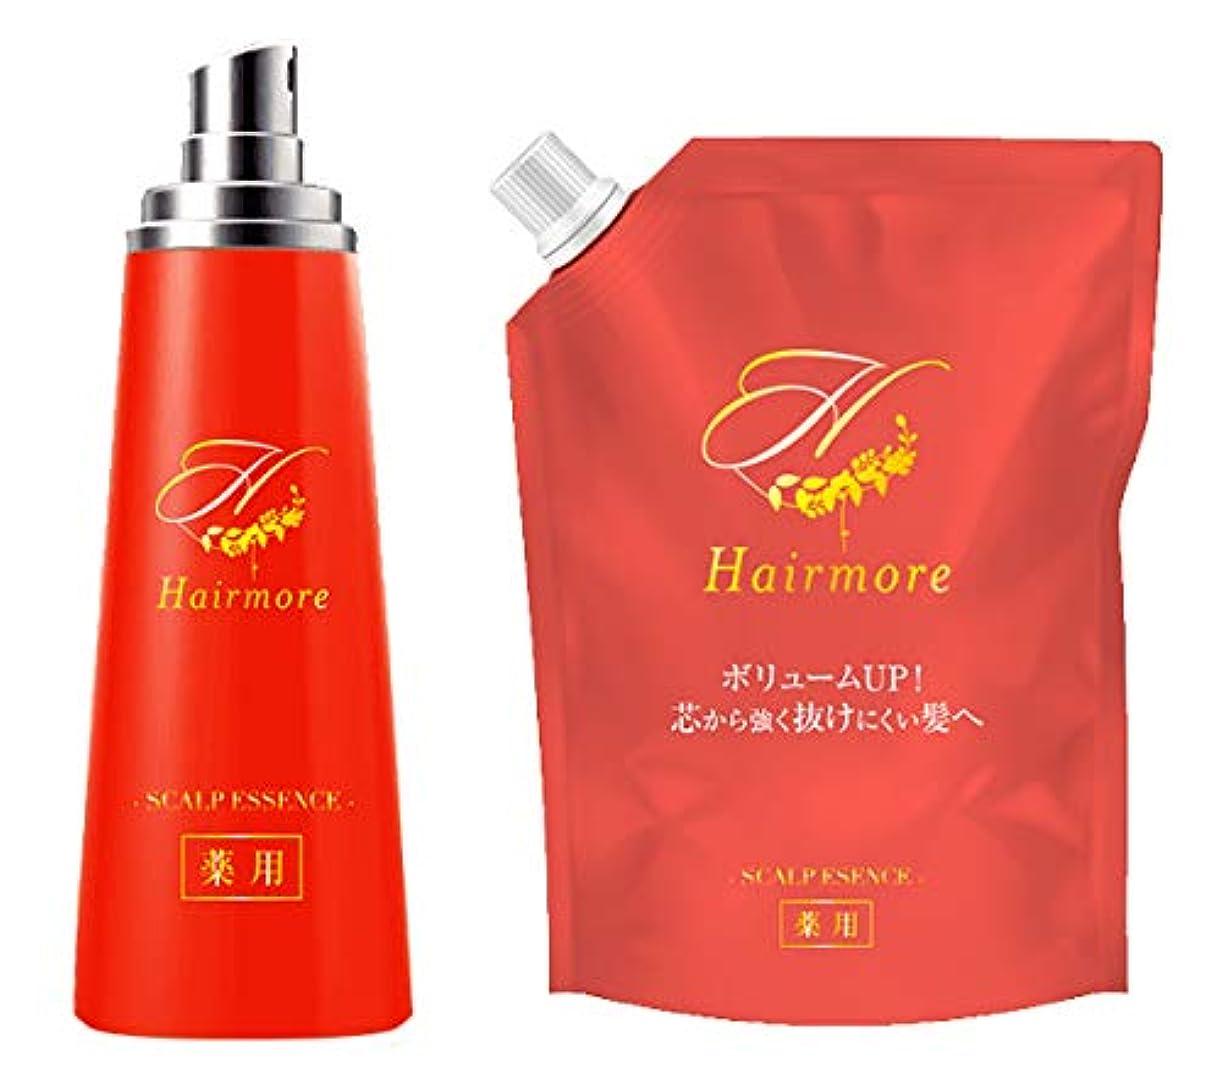 さわやかうがい寄付するヘアモア Hairmore スカルプケアエッセンス エストラジオール配合 育毛剤 【医薬部外品】【2個セット】